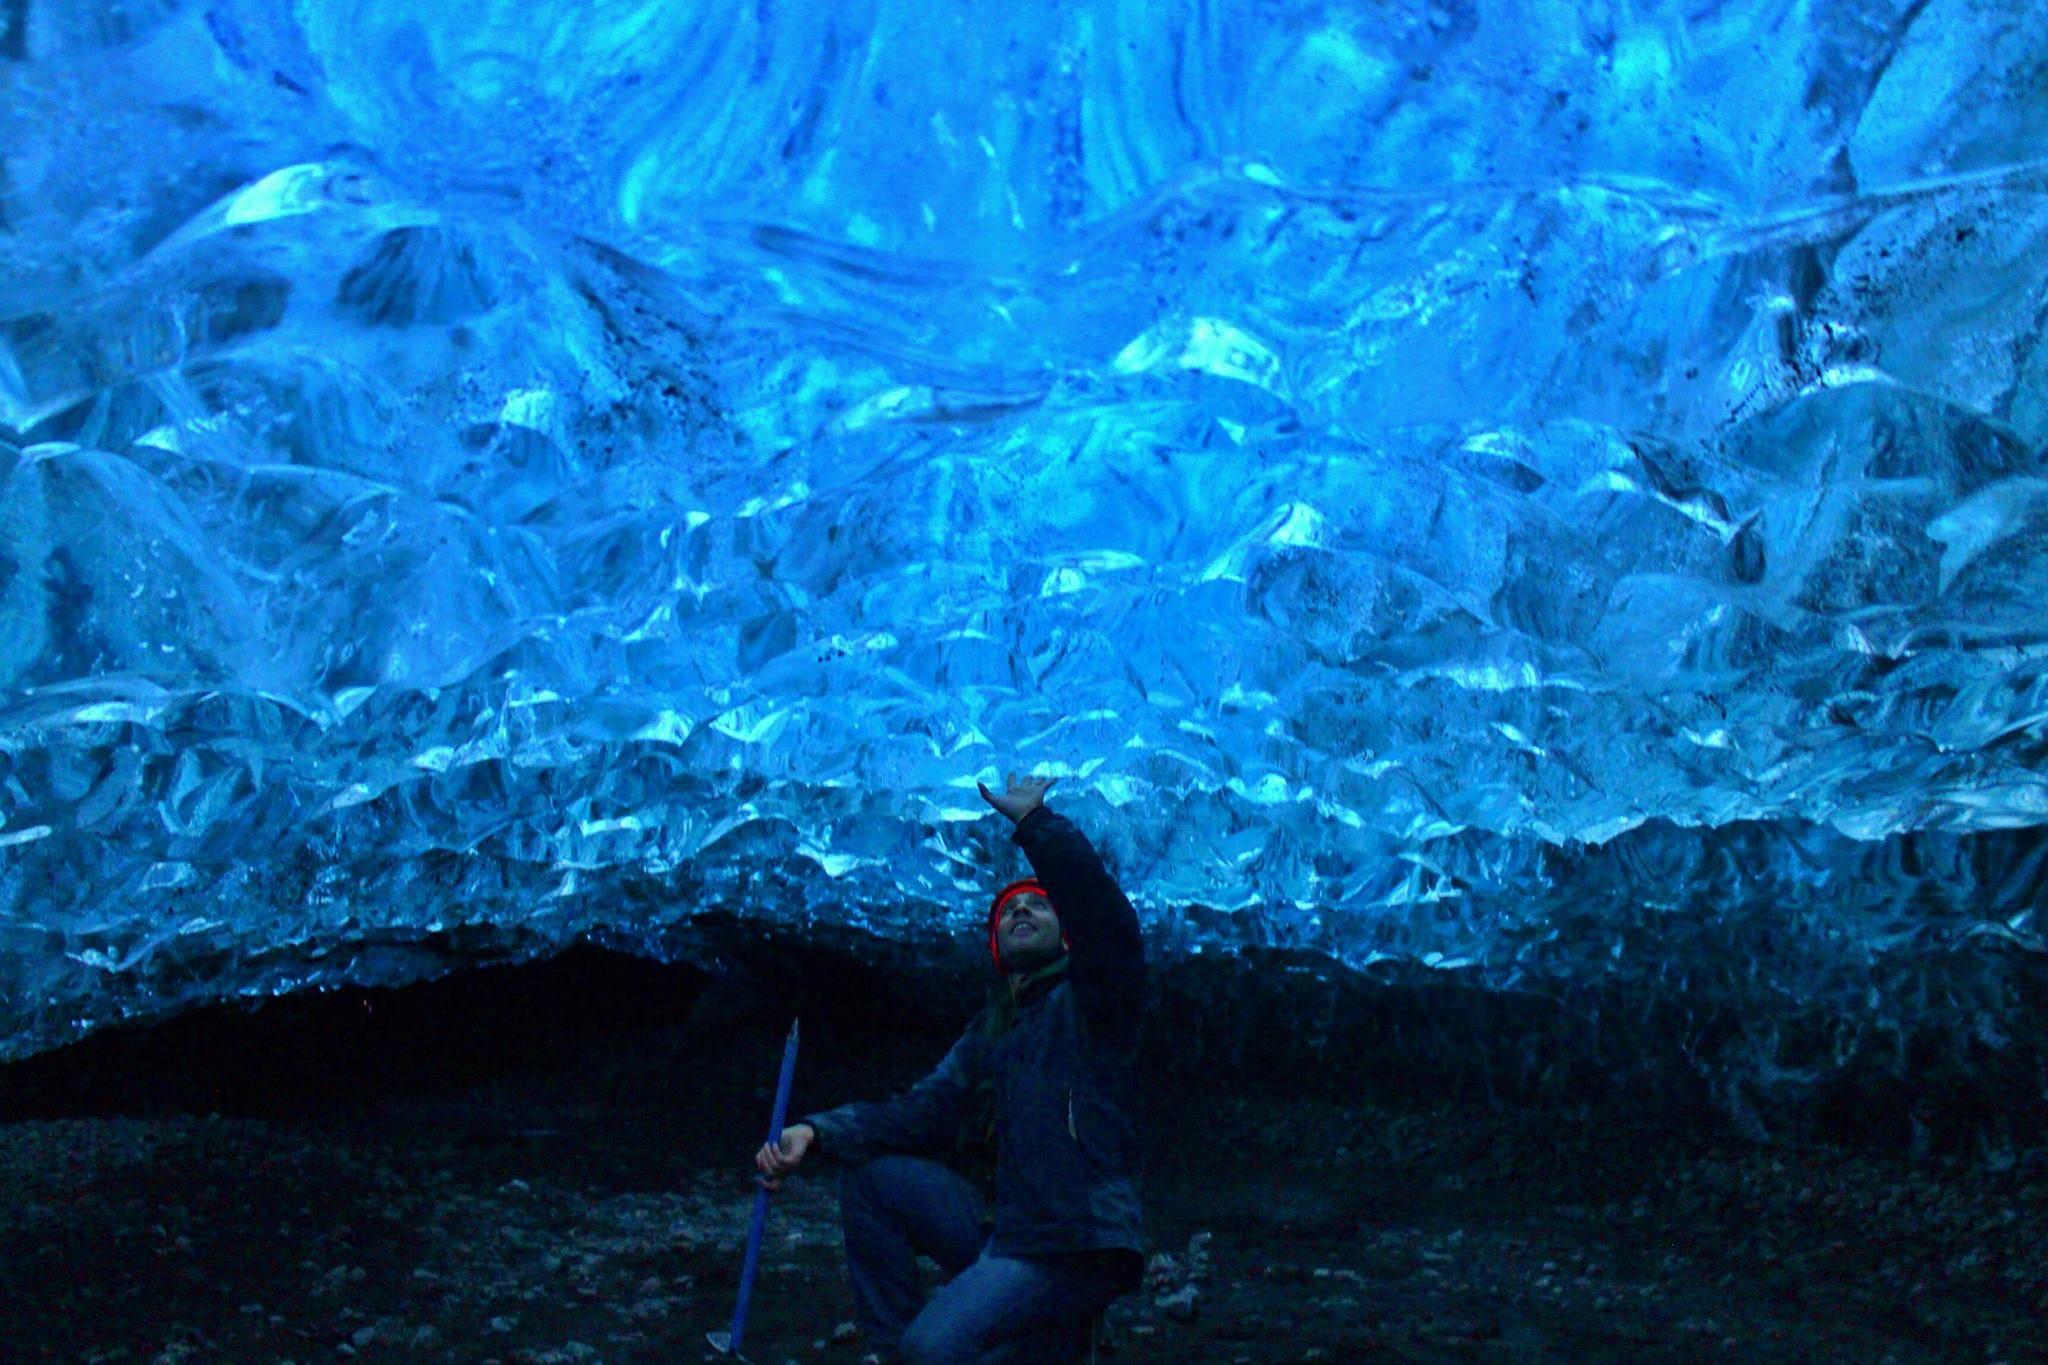 สิ่งน่ามหัสจรรย์ในถ้ำน้ำแข็งคริสตัลที่ เบีรยดาแมร์คุร์โจกุล.